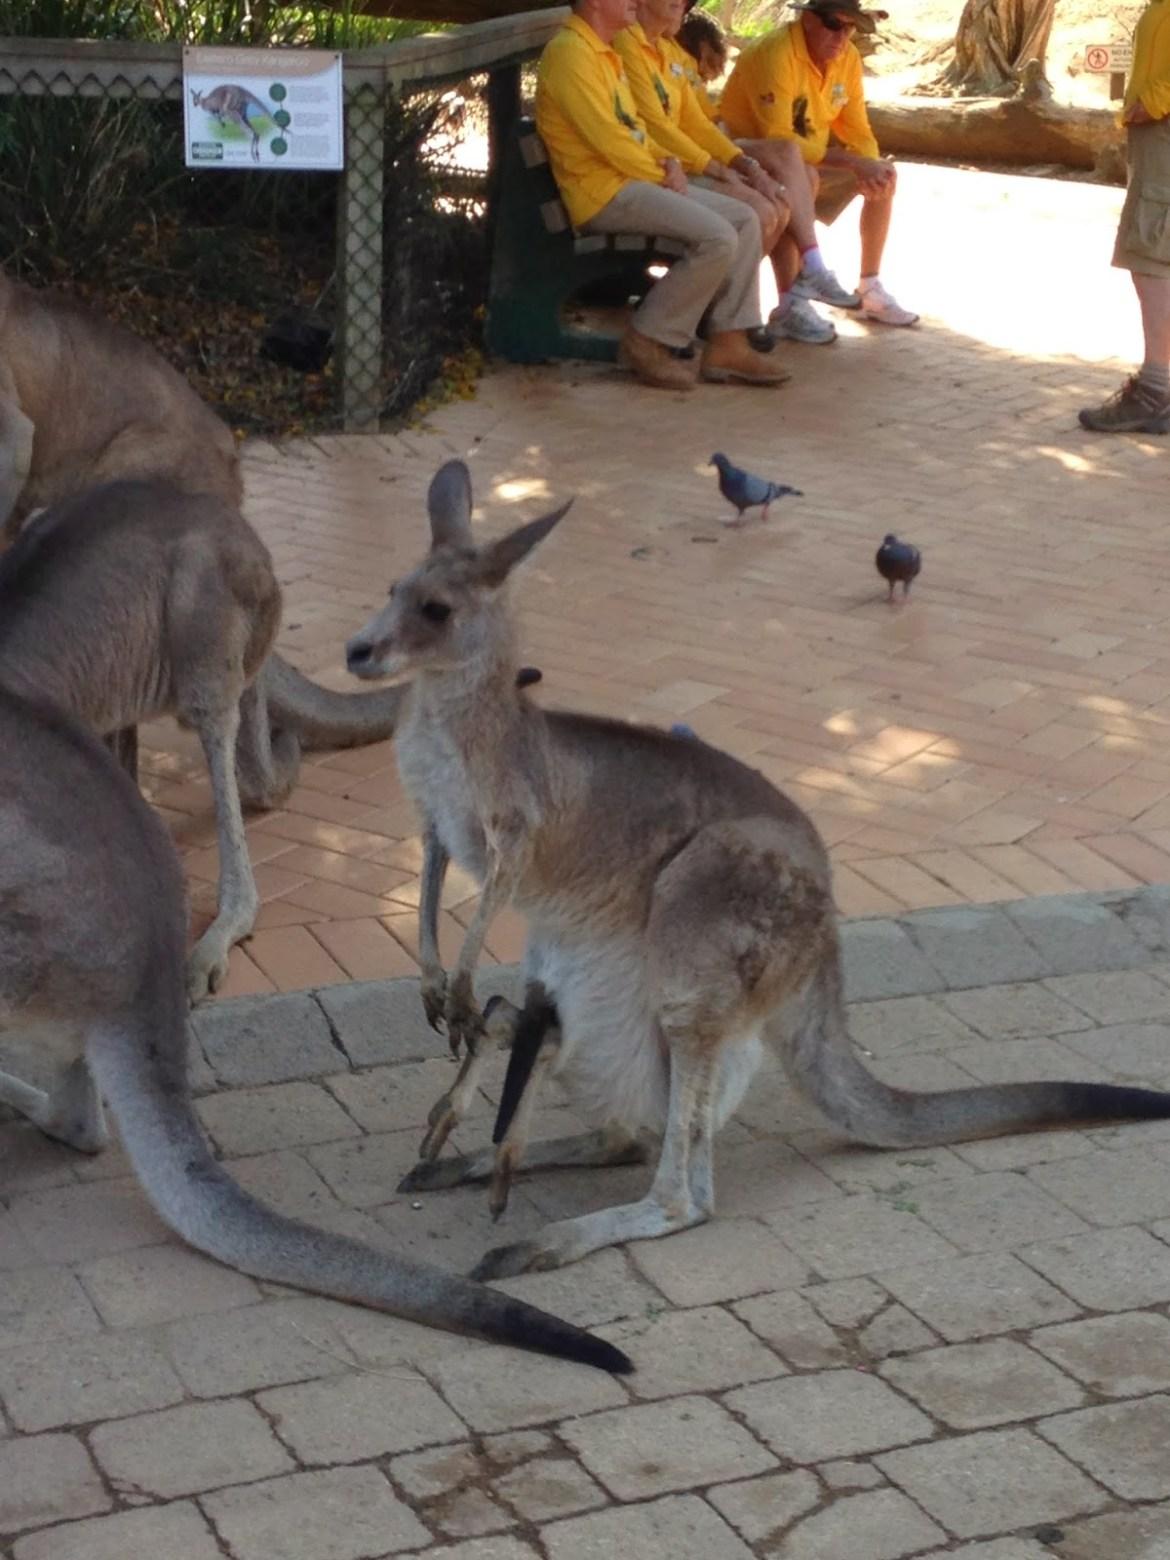 仔細看這隻袋鼠媽媽帶中的小袋鼠,是頭朝袋內鑽進去的,露出2隻後腳在外面晃啊晃的,真淘氣~~